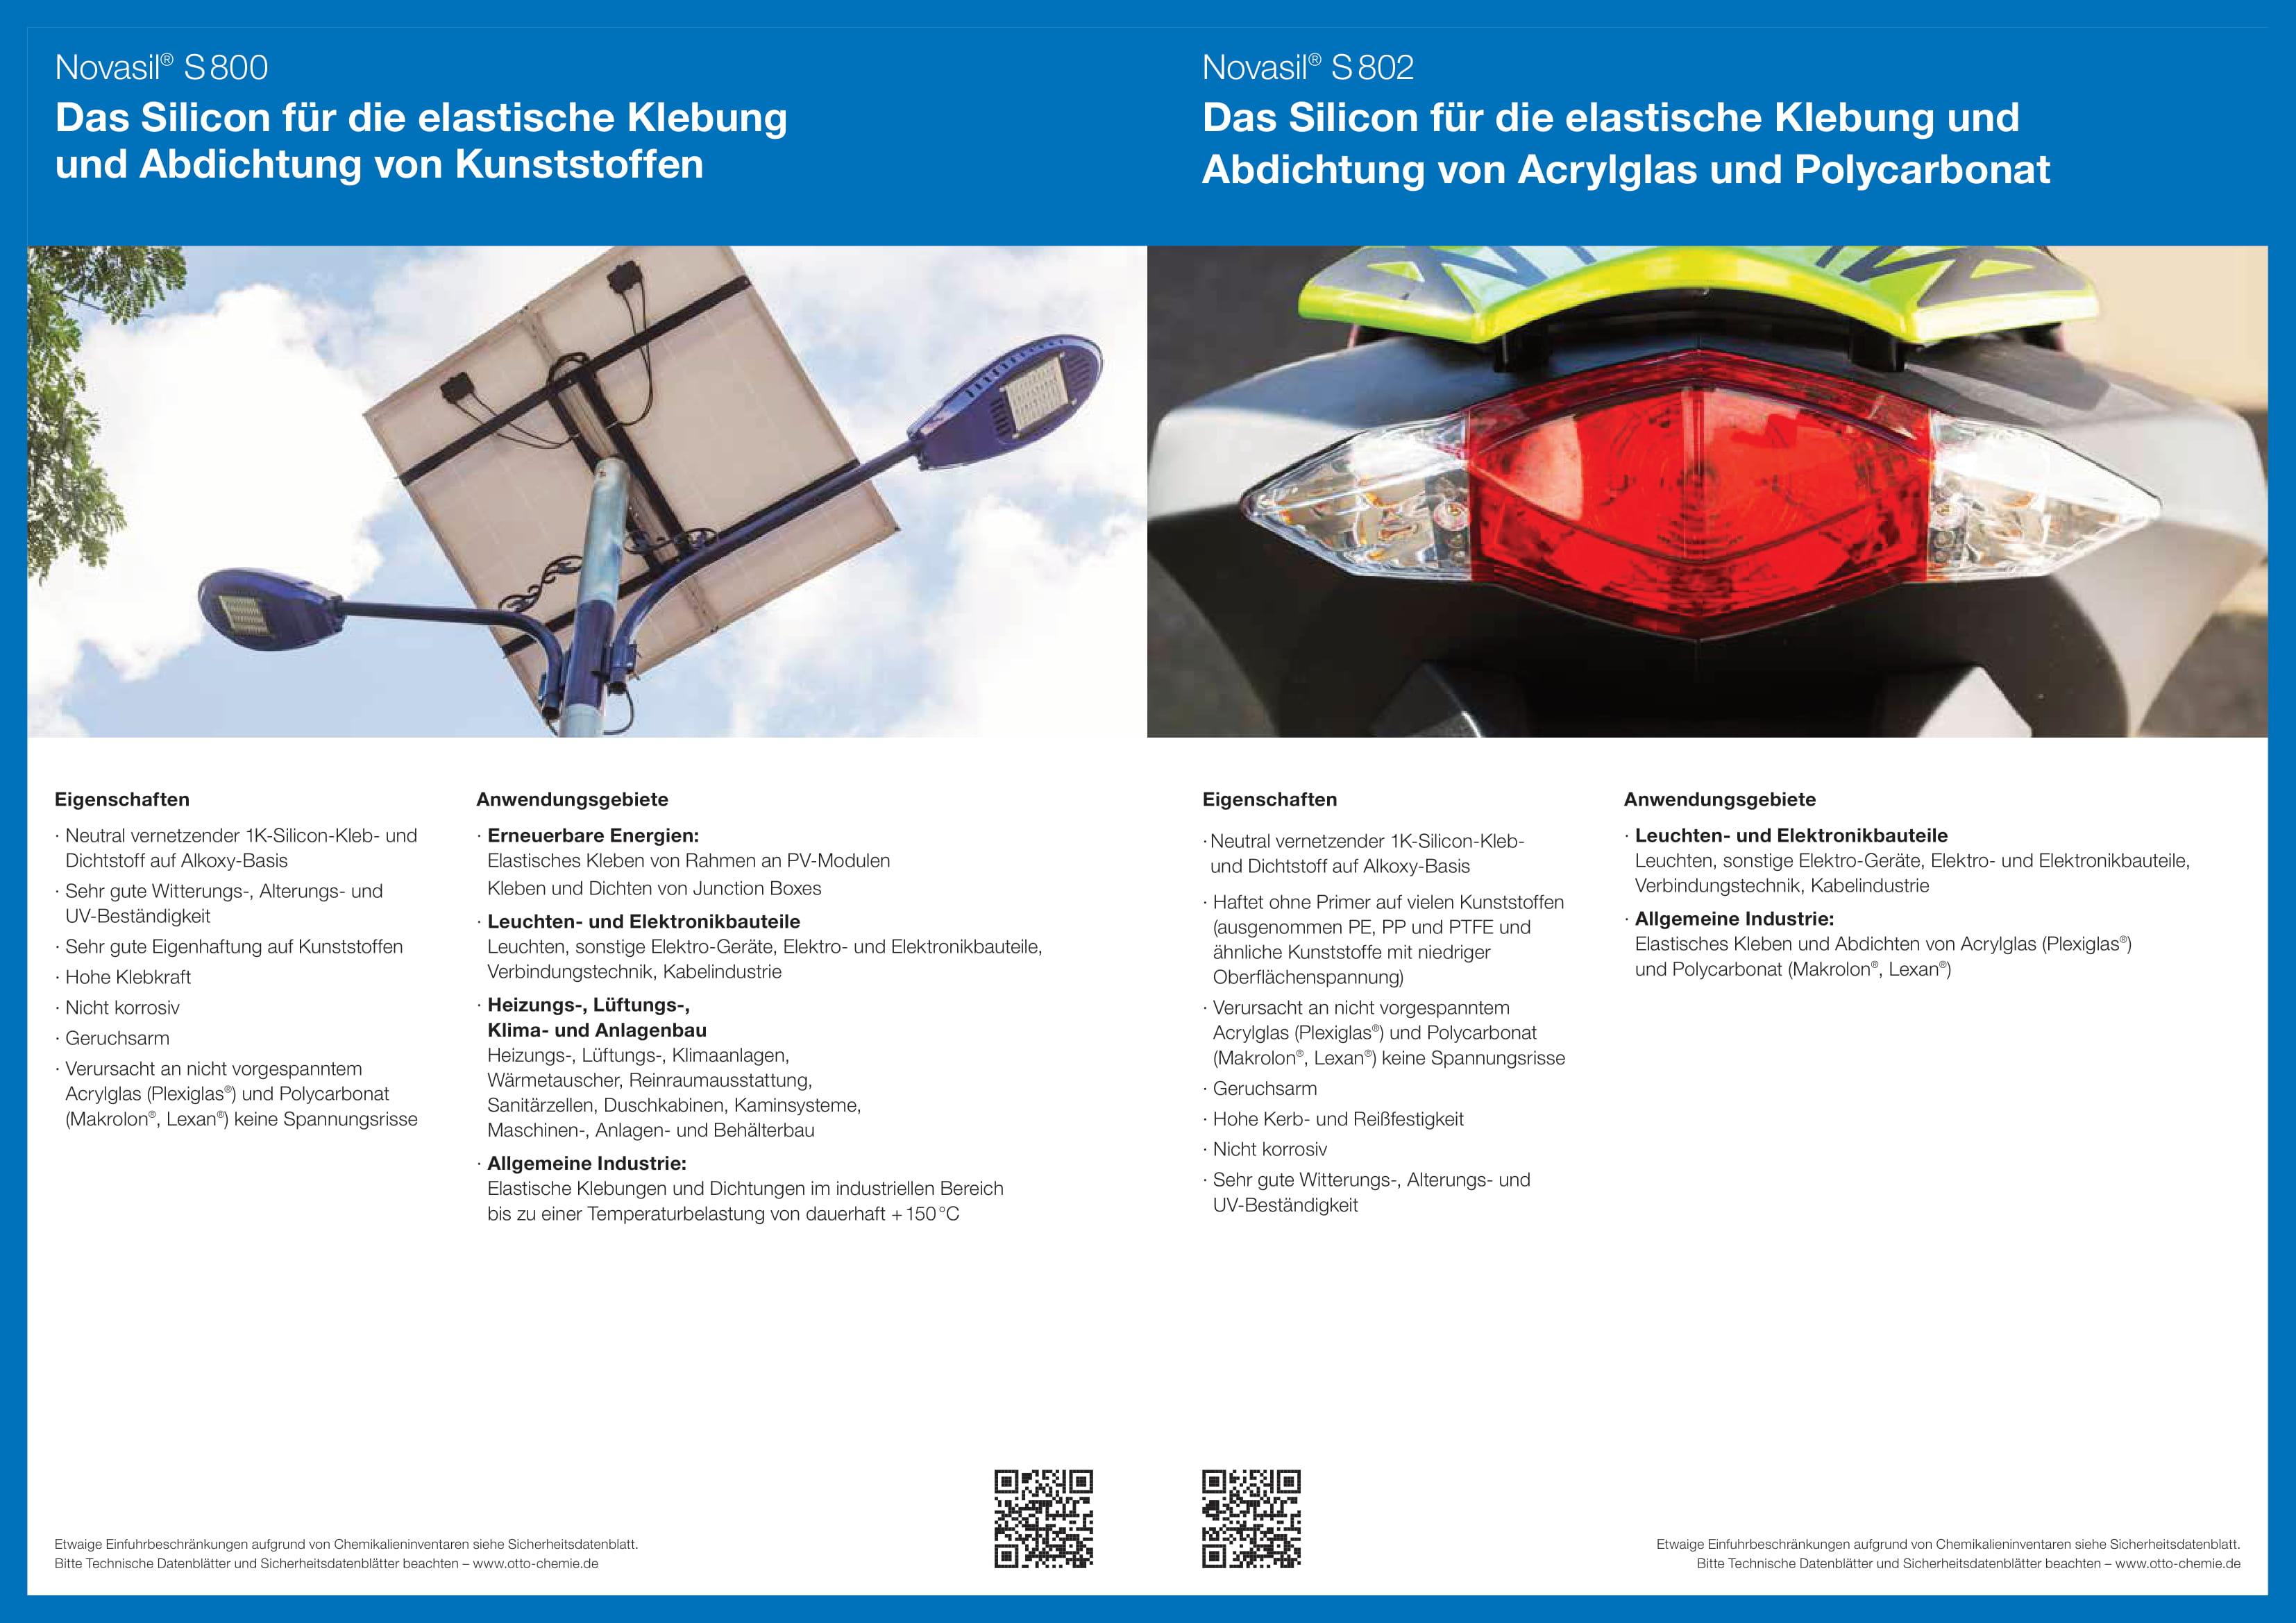 Produktinfo-Technischer_Handel_2019_low-05